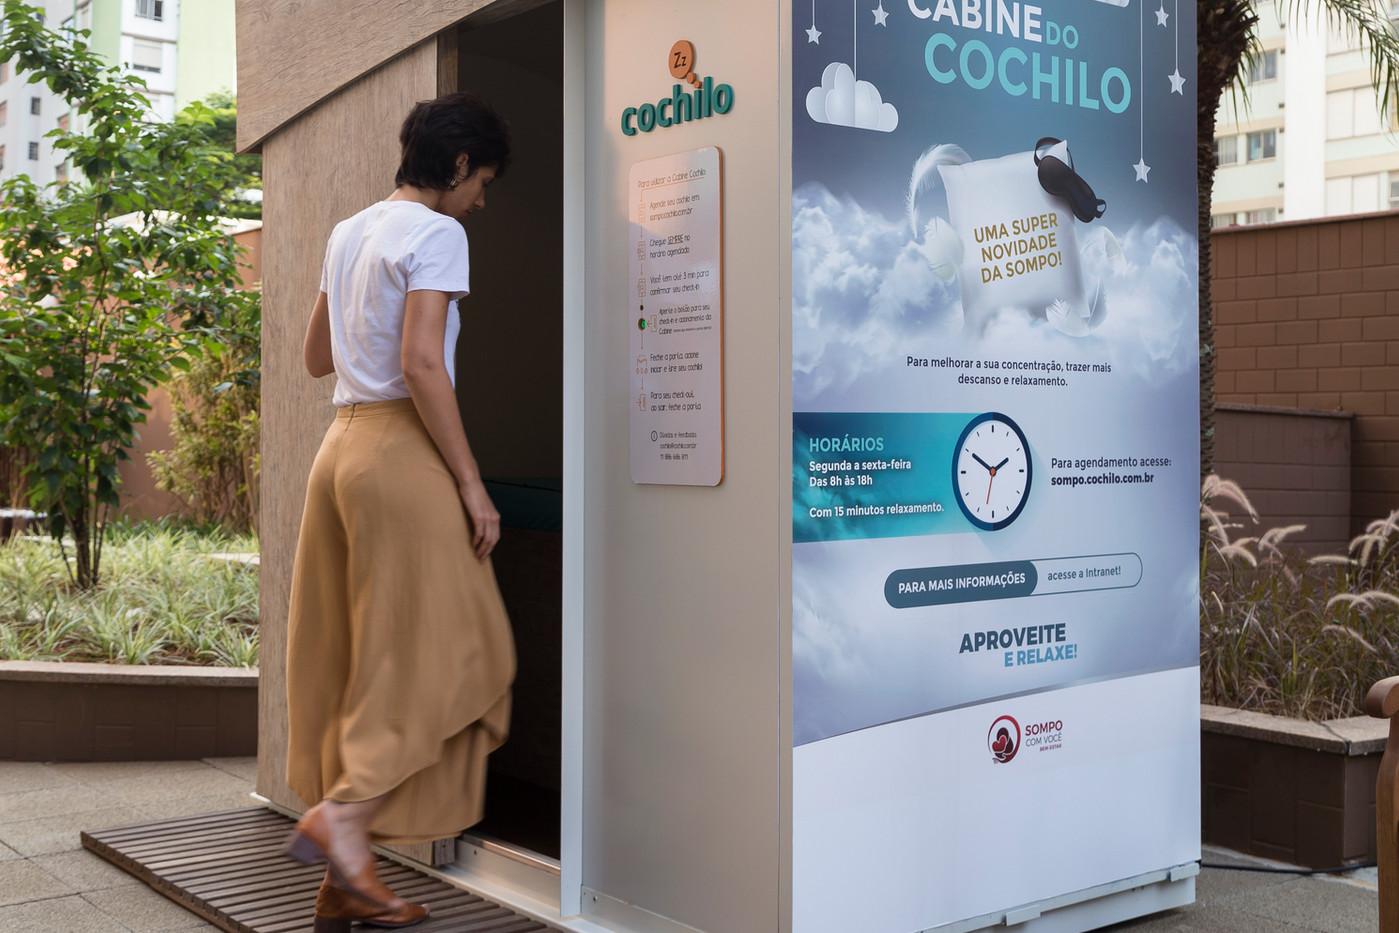 Cabine Cochilo - Sompo